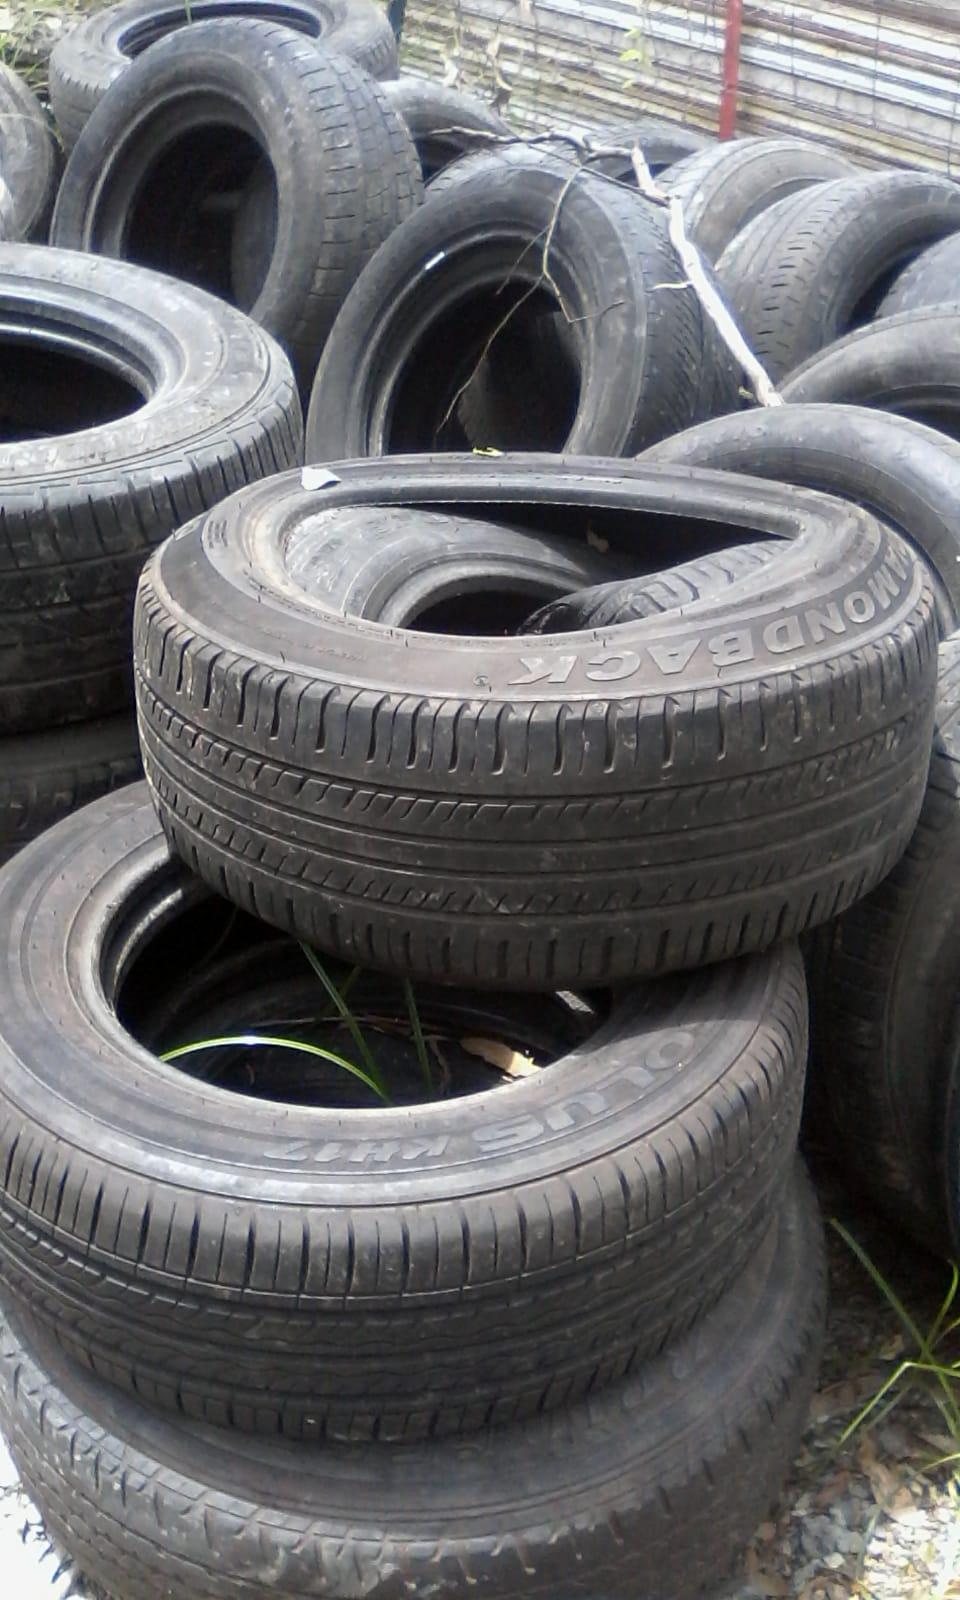 6000 Quantity Tyre Scrap for Sale @ $ 3 50, P D Products